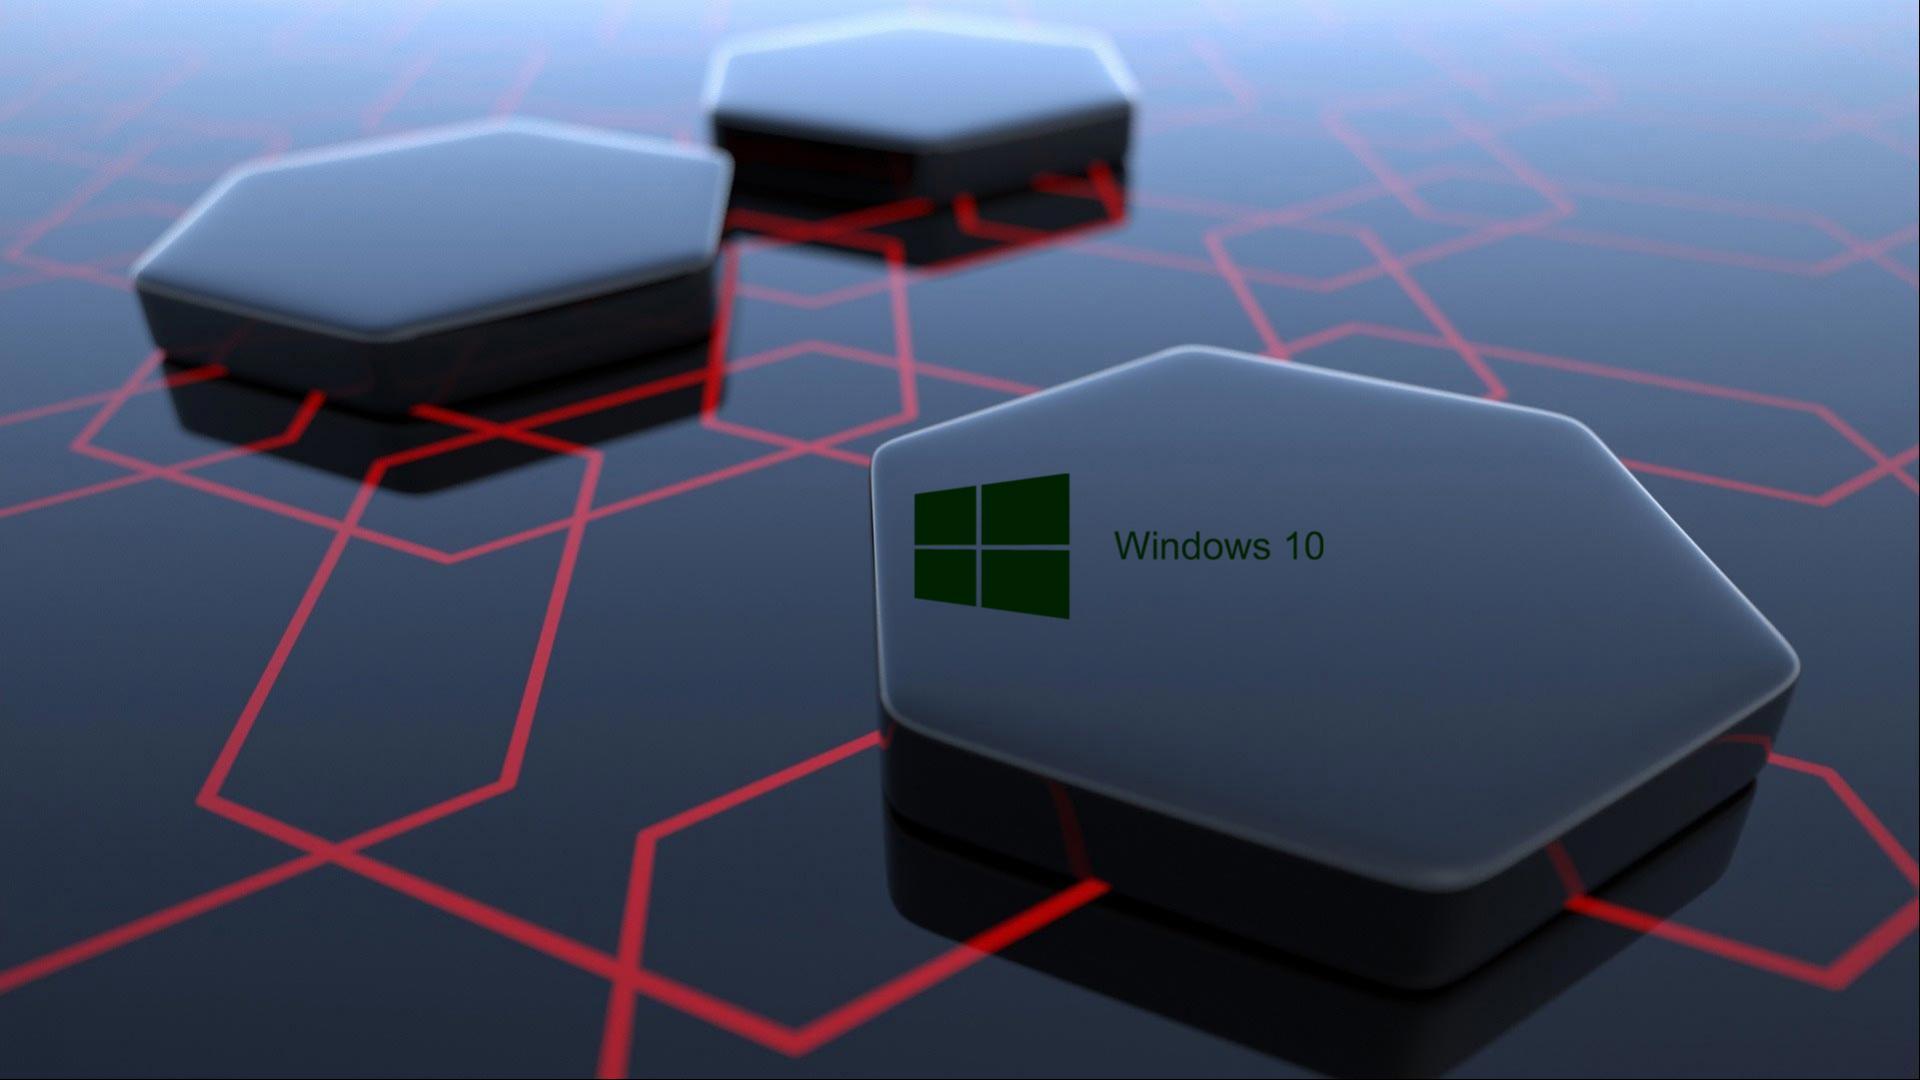 Windows 10 Hd Wallpaper 1920x1080